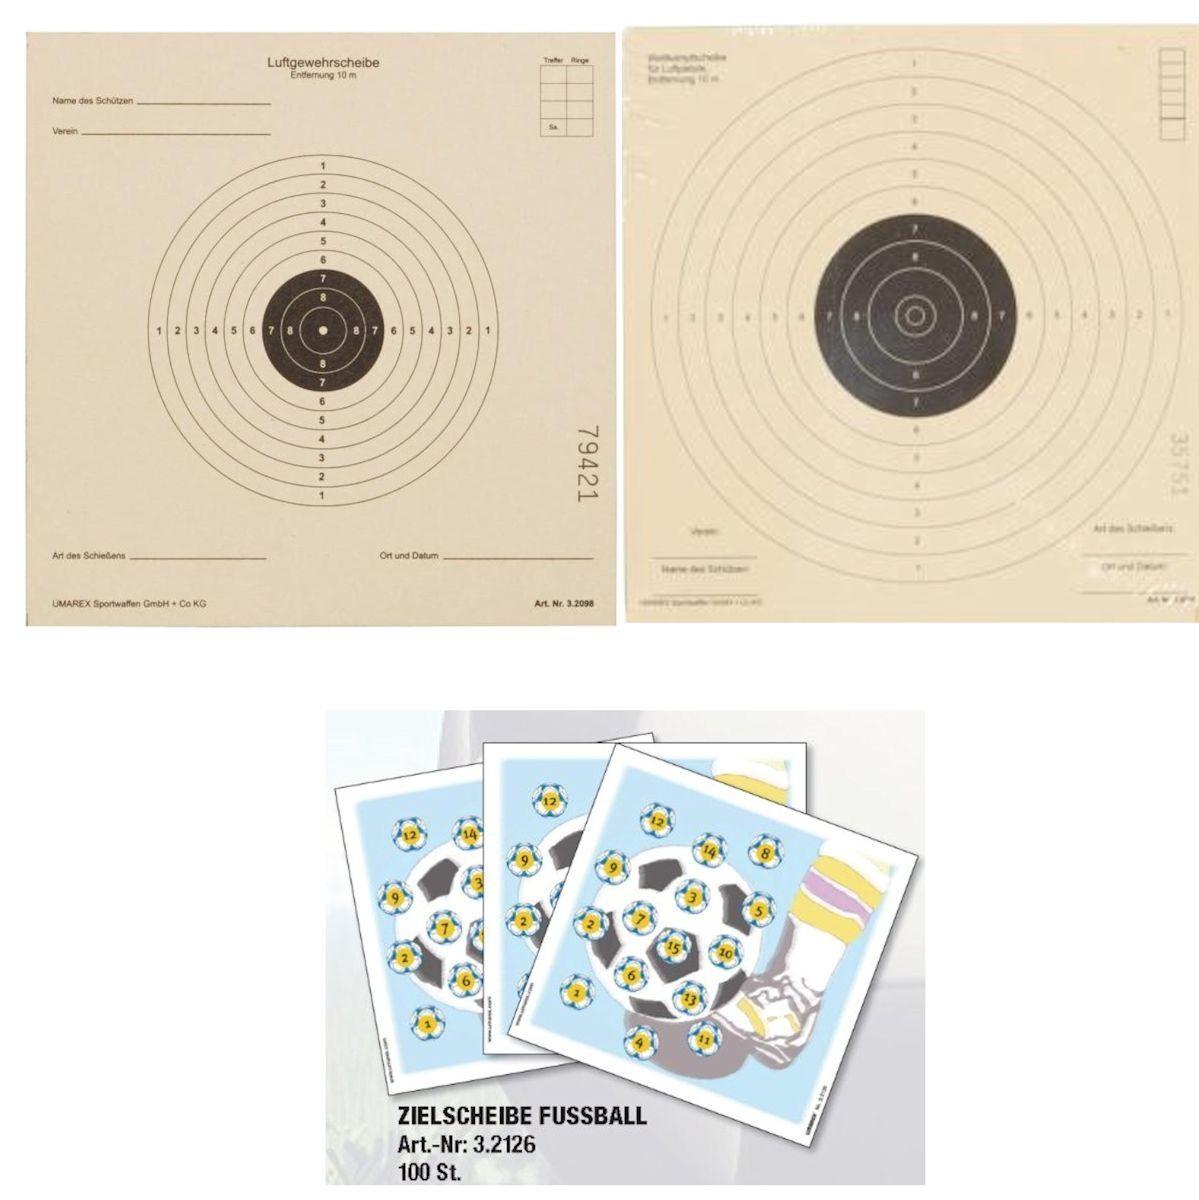 Umarex Zielscheiben Karton  für Kugelfang zur Auswahl 14x14 17x17 17x17 17x17 Sportschützen ccf155